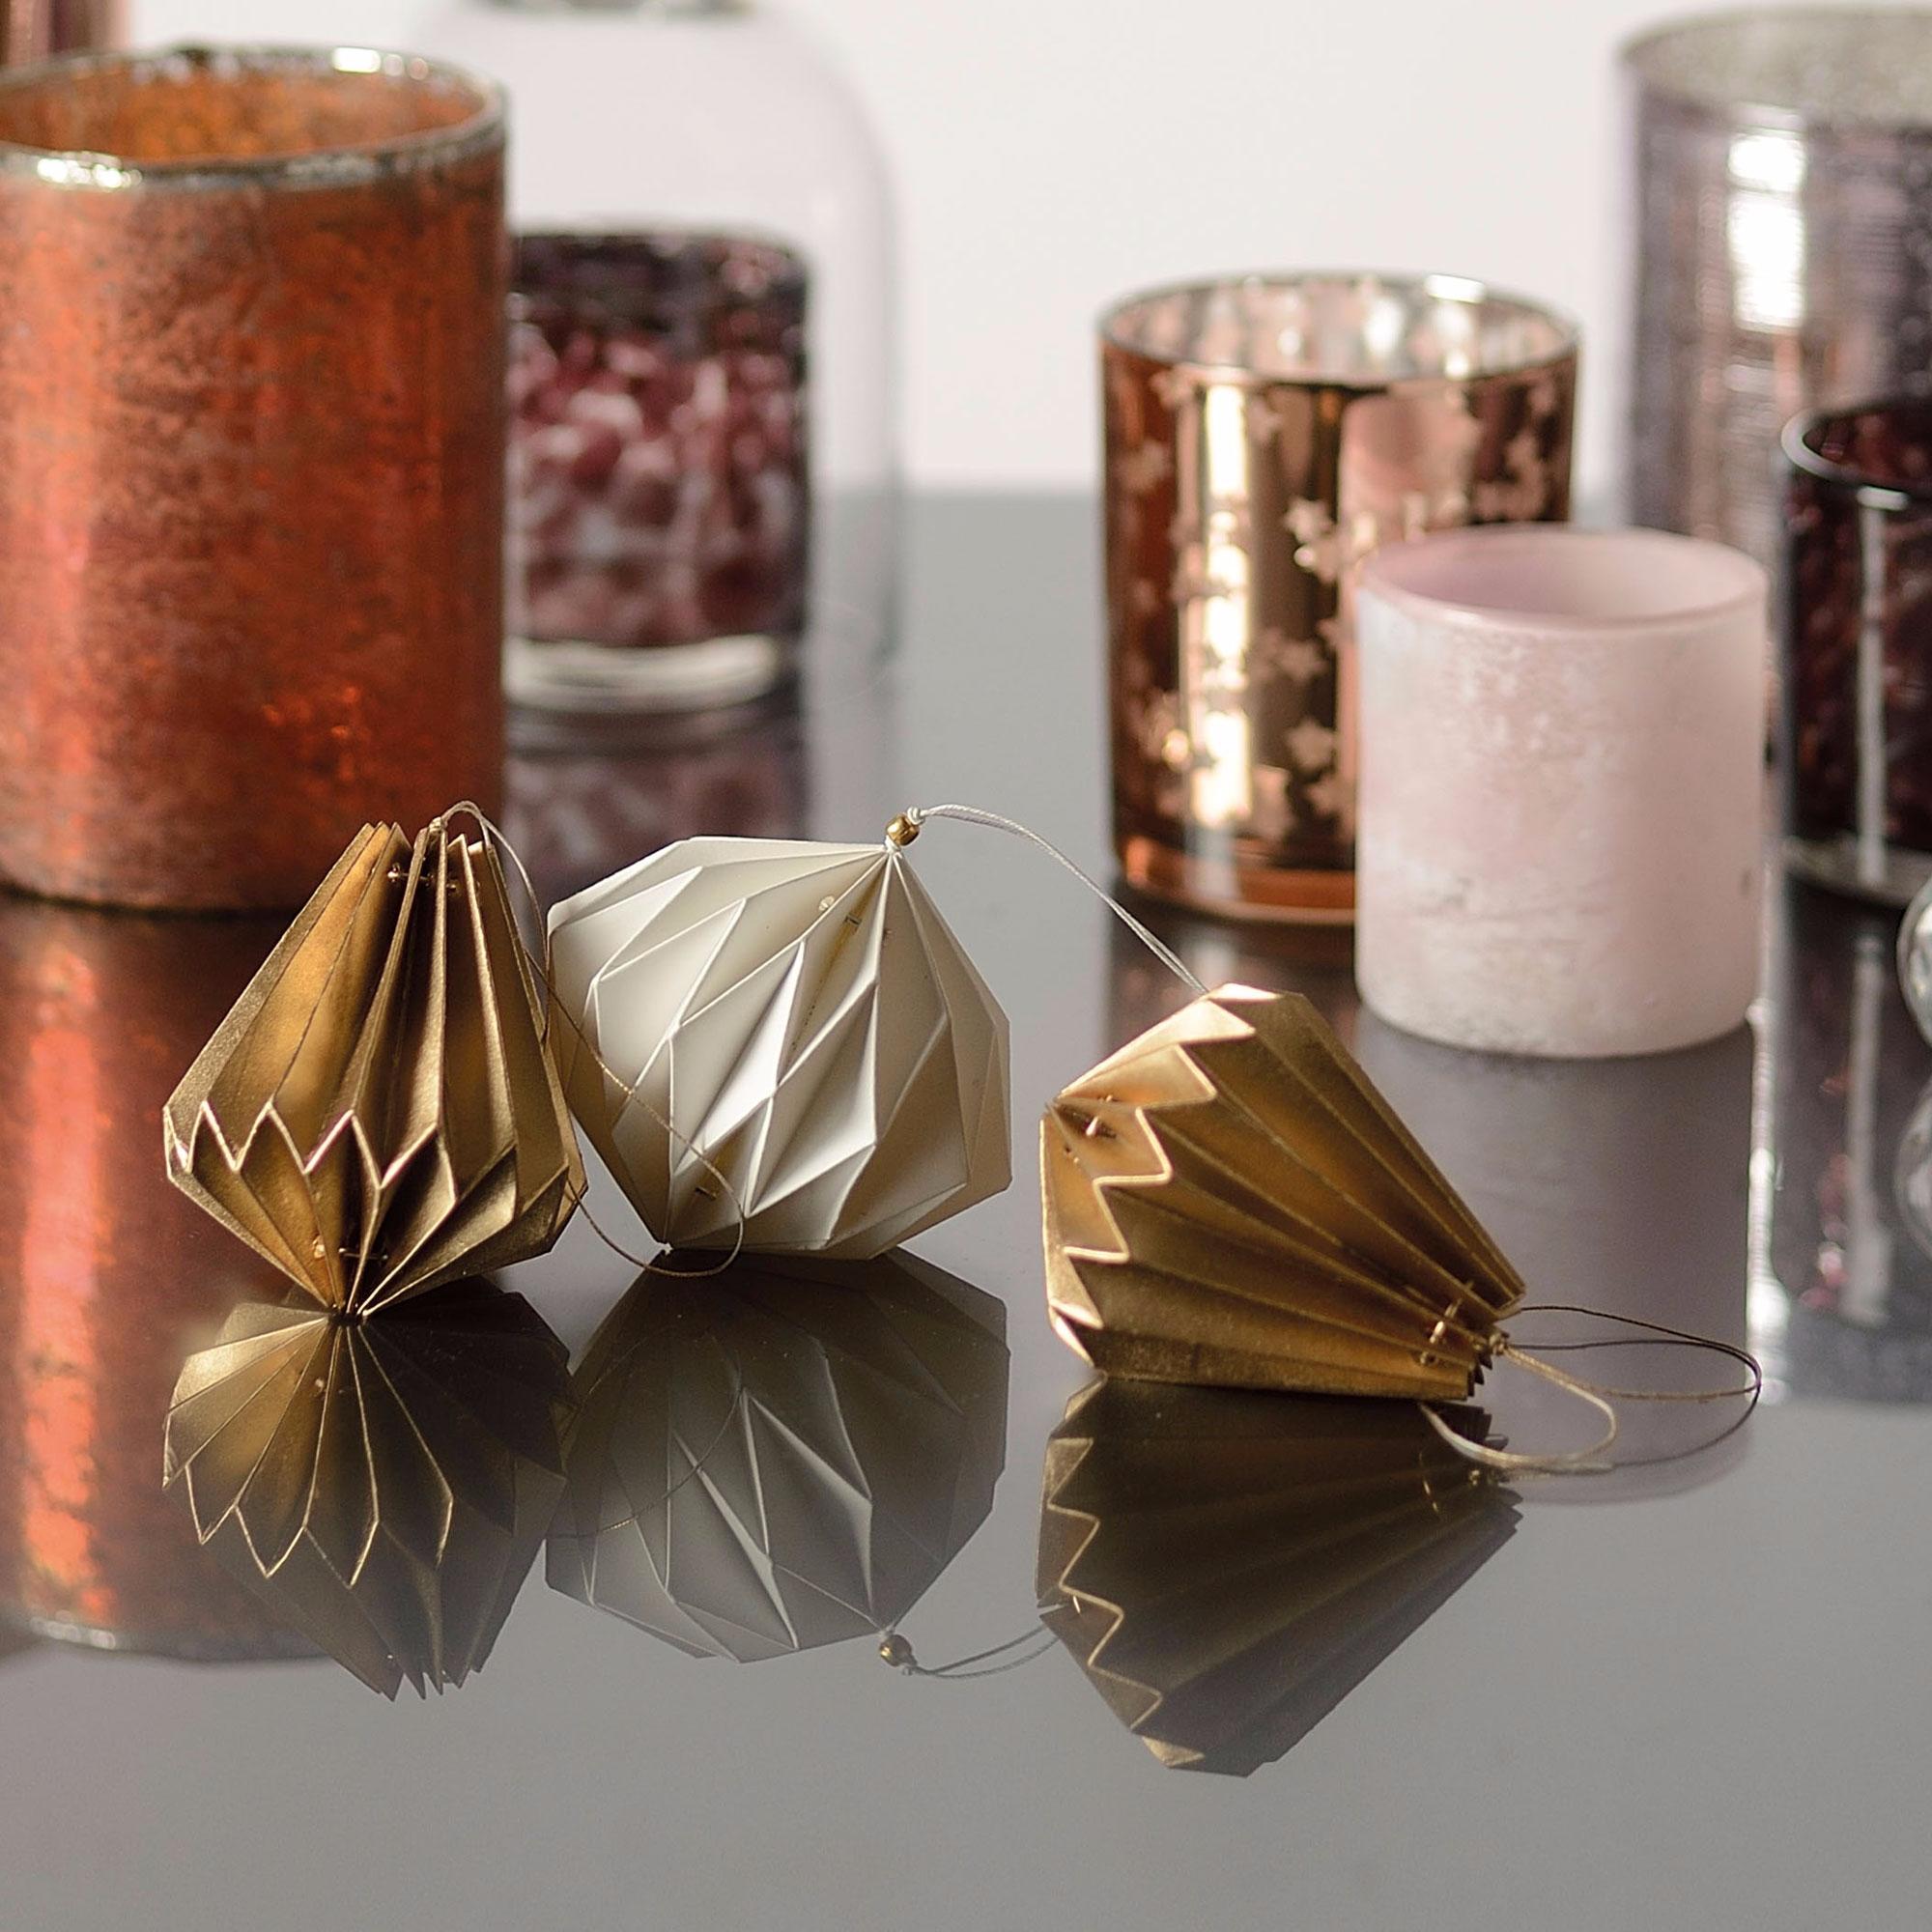 Diamant d coratif en papier suspendre jardin d 39 ulysse - Jardin d ulysse paris ...